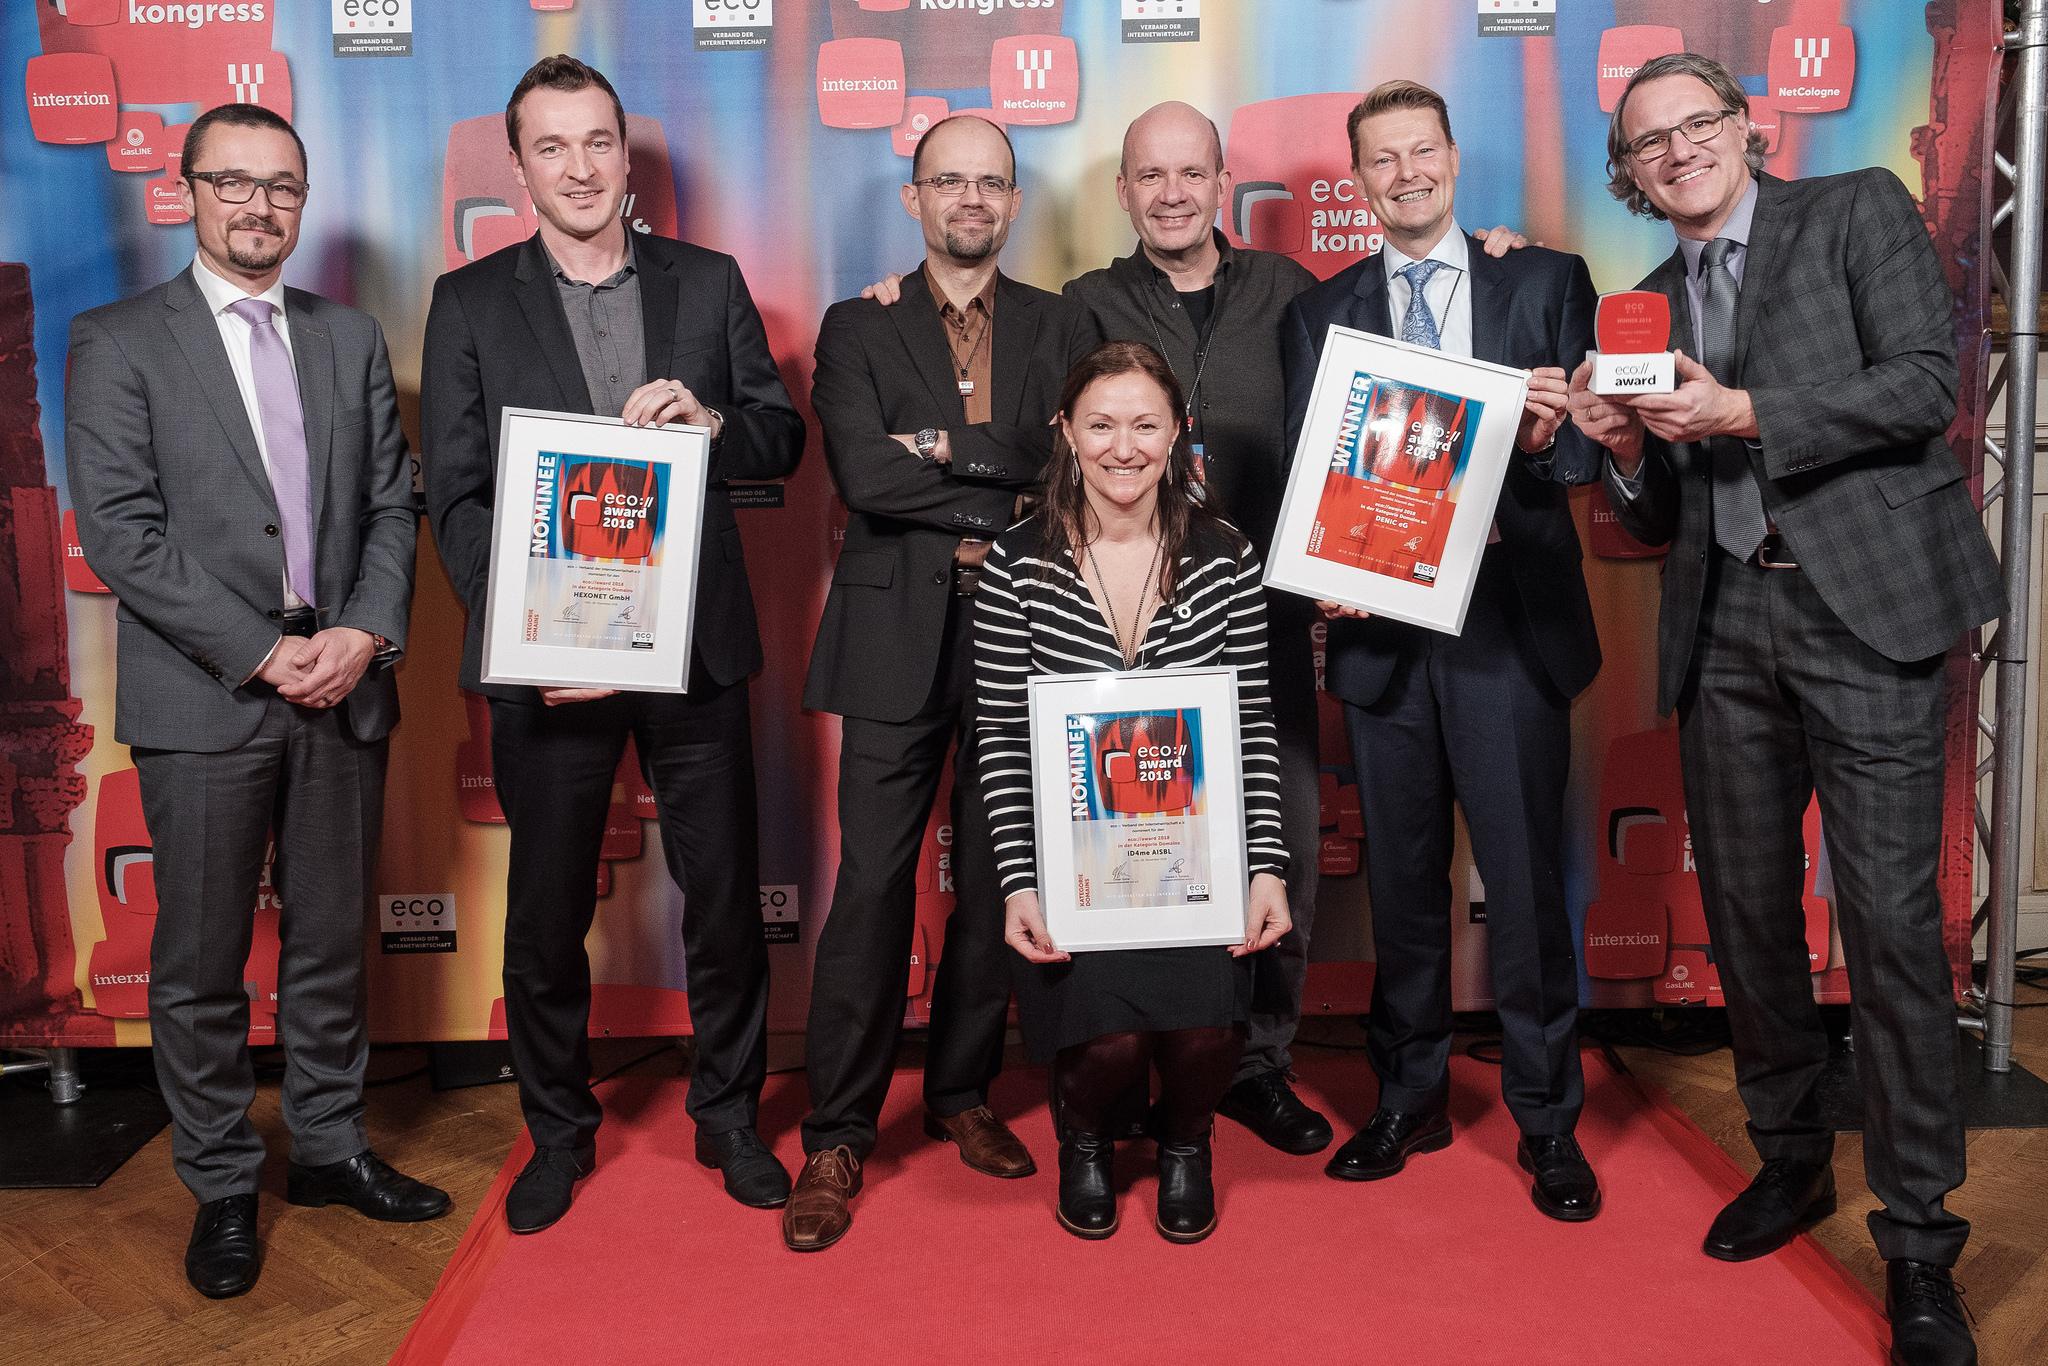 eco://kongress & eco:awards: Gemeinsam die digitale Zukunft gestalten 30